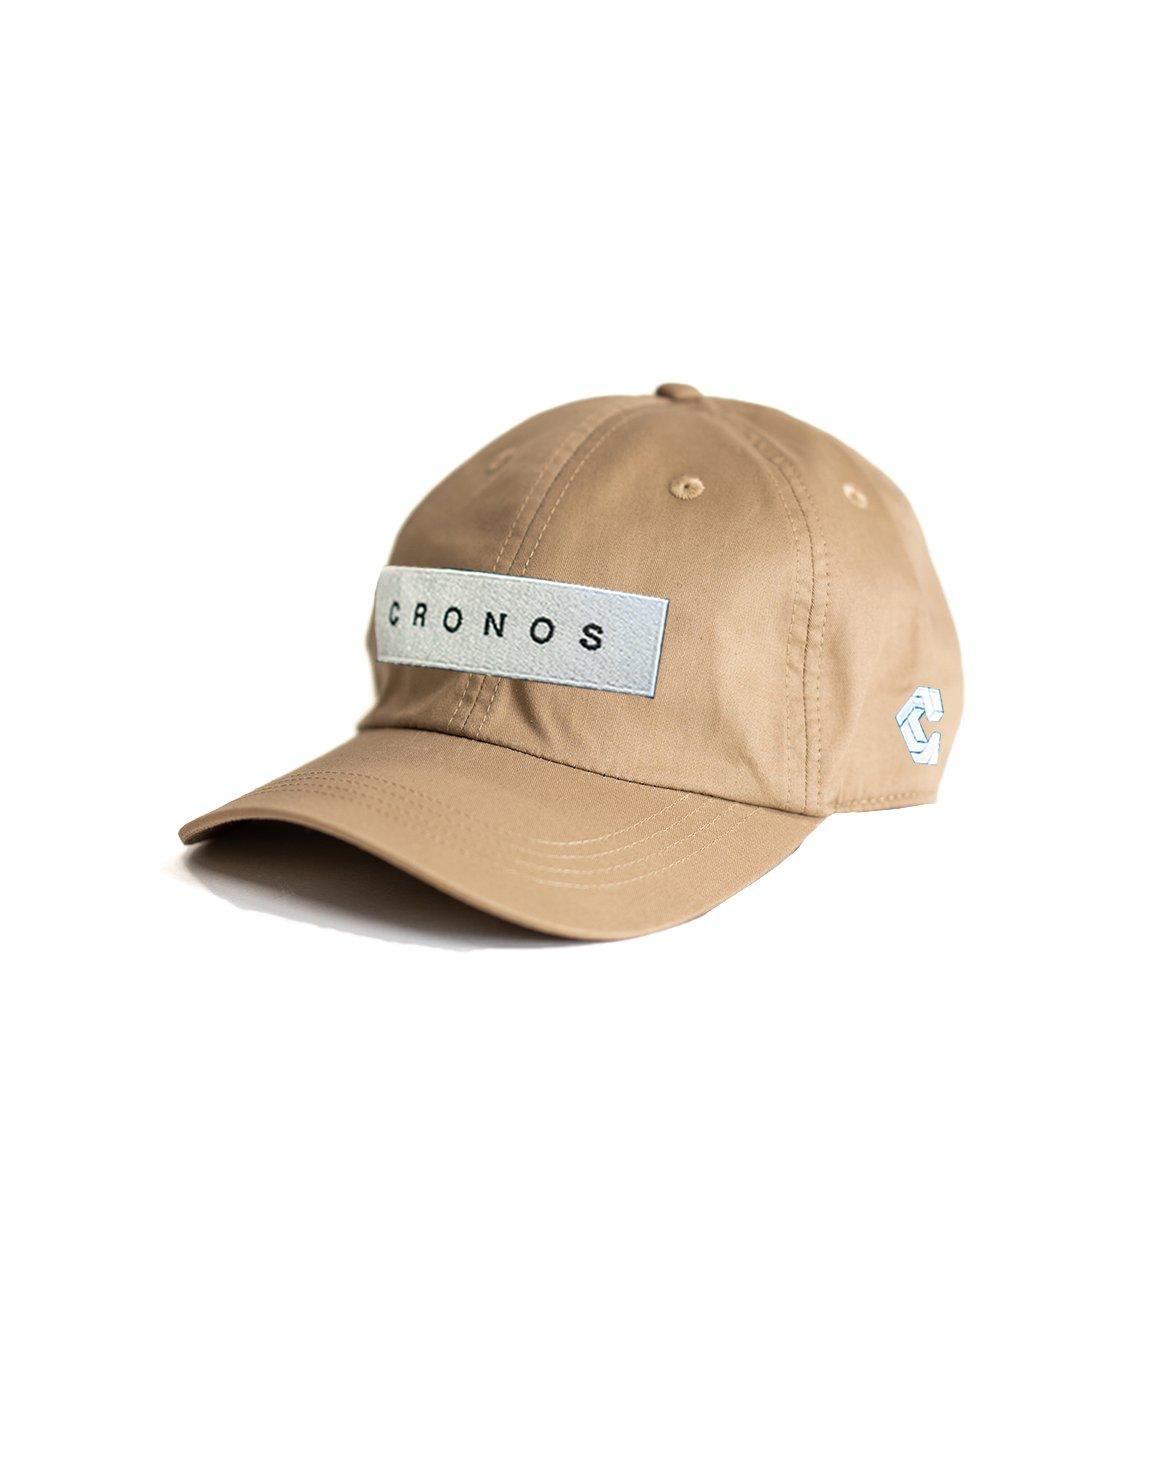 CRONOS BOX LOGO CAP 【BEIGE】